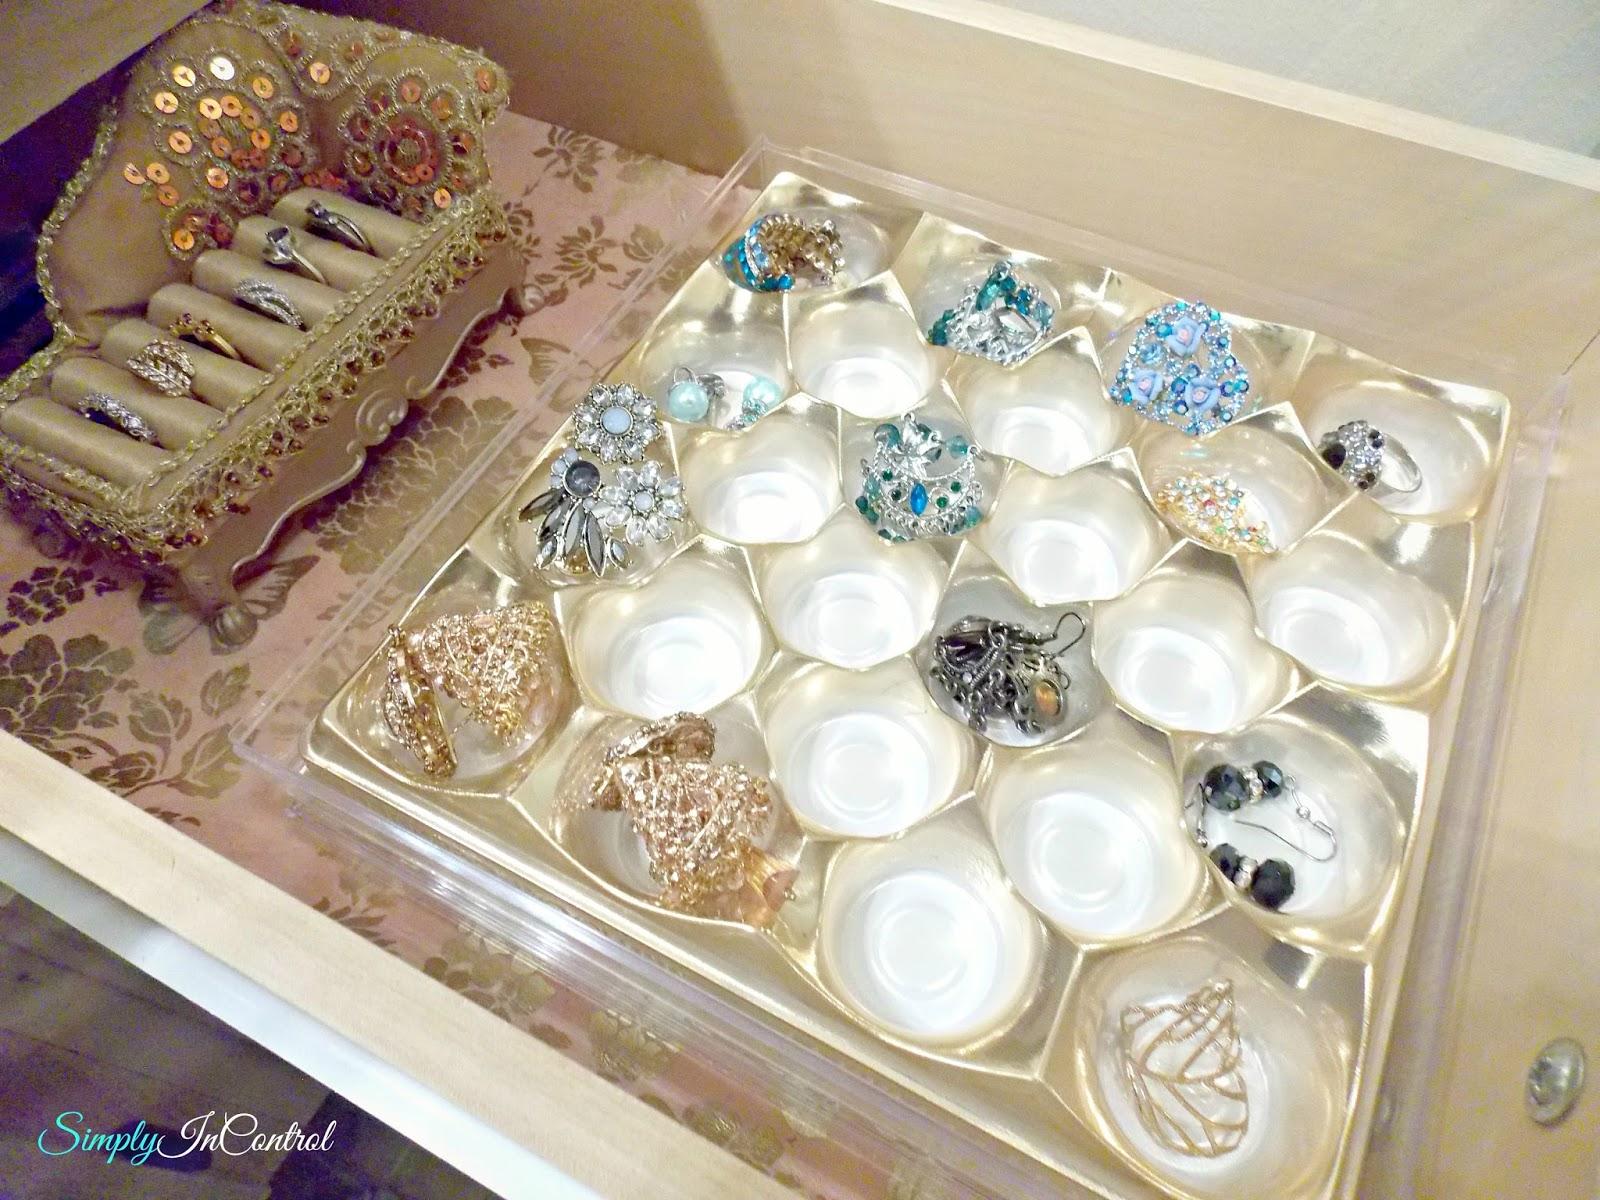 Simply in Control Organize Jewelry Using Ferrero Rocher Box